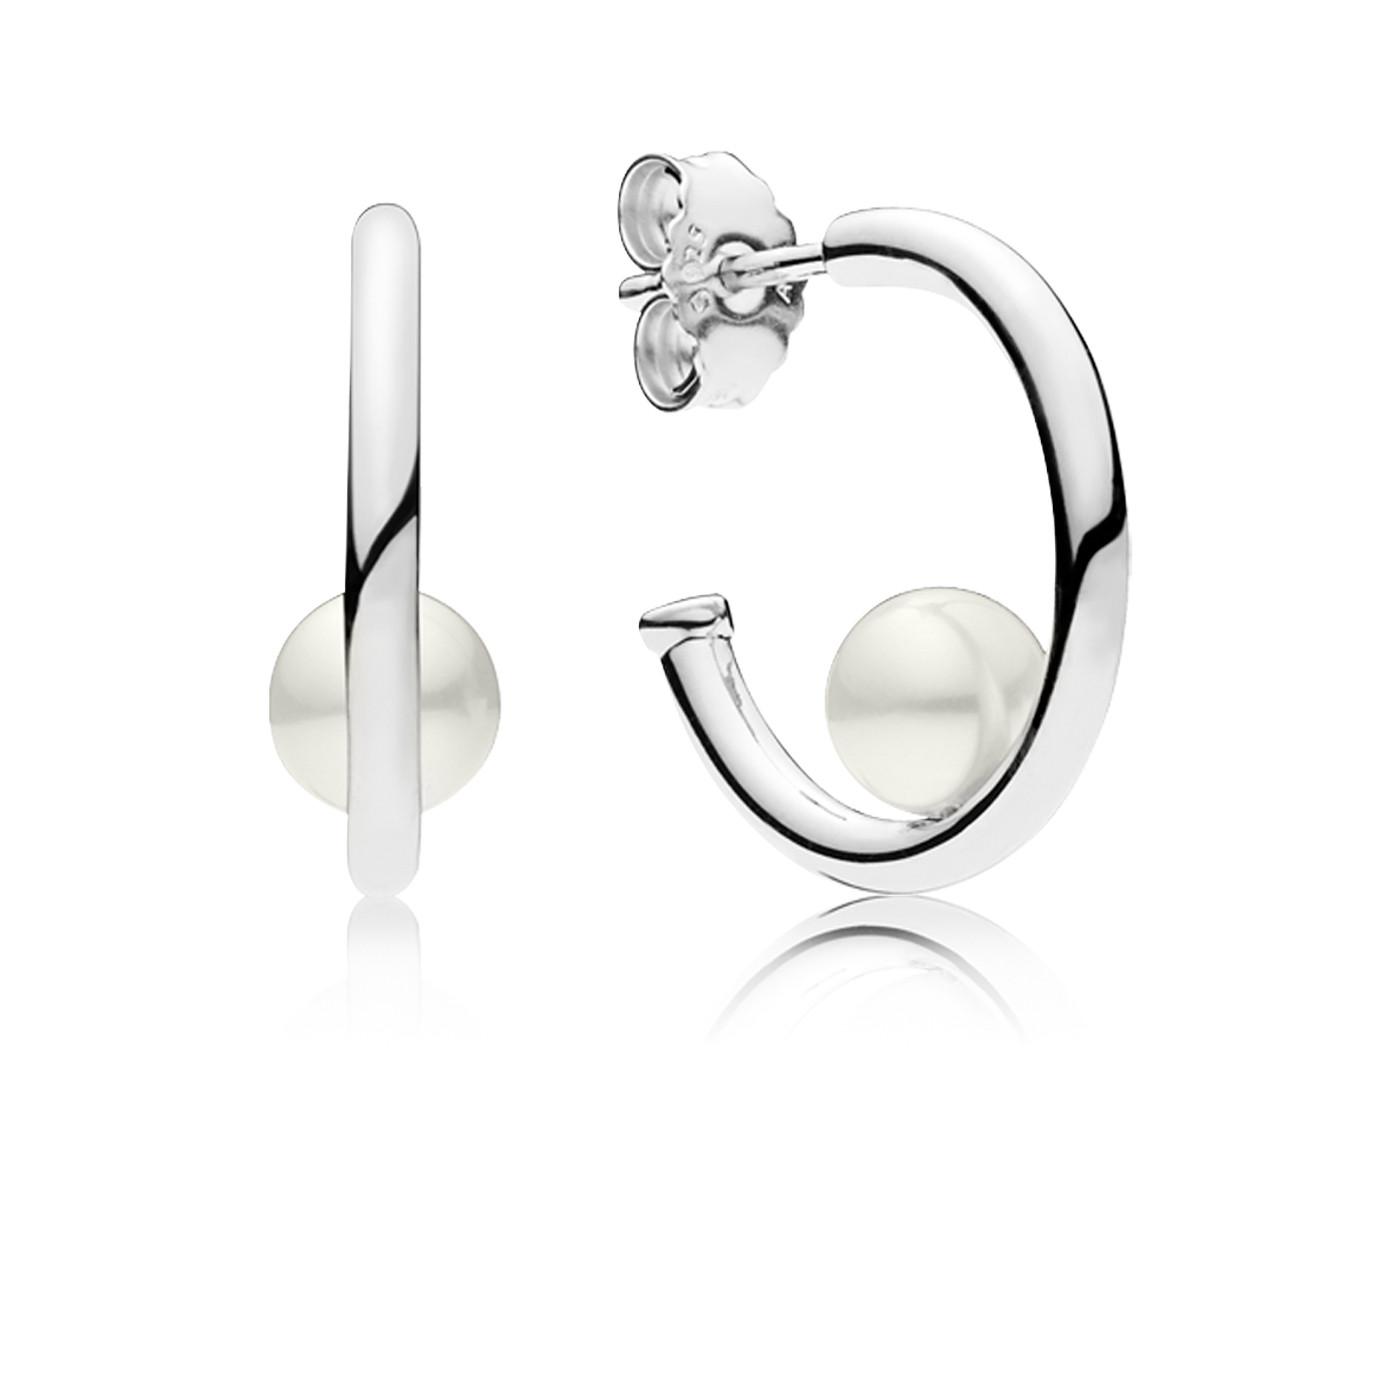 Pandora 925 Sterling Silver Hoop Earrings 297528P